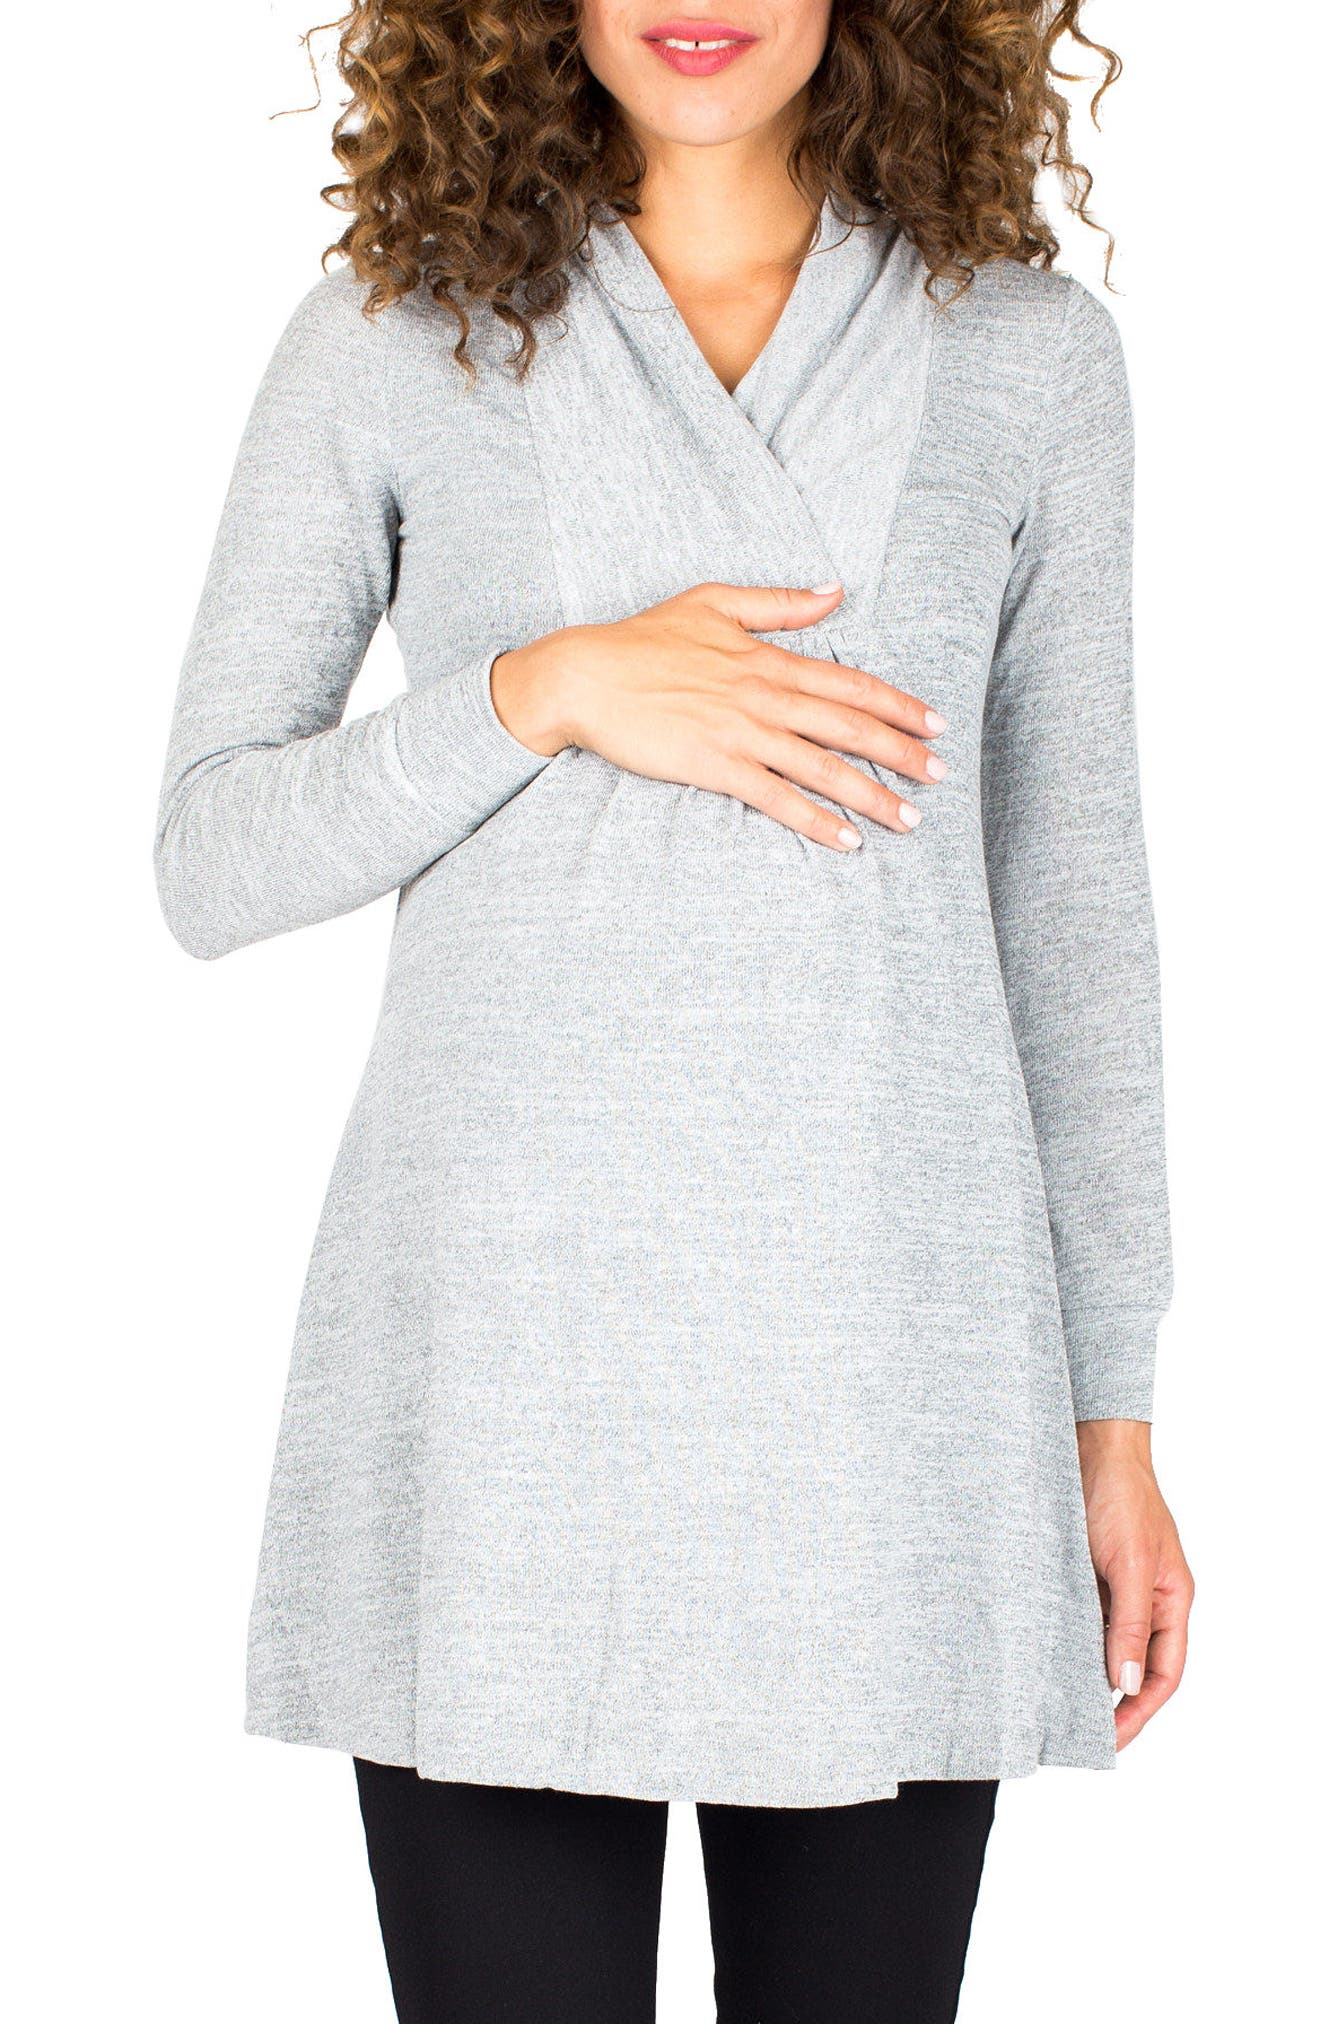 Nom Maternity 'Tanya' Jersey Maternity Tunic